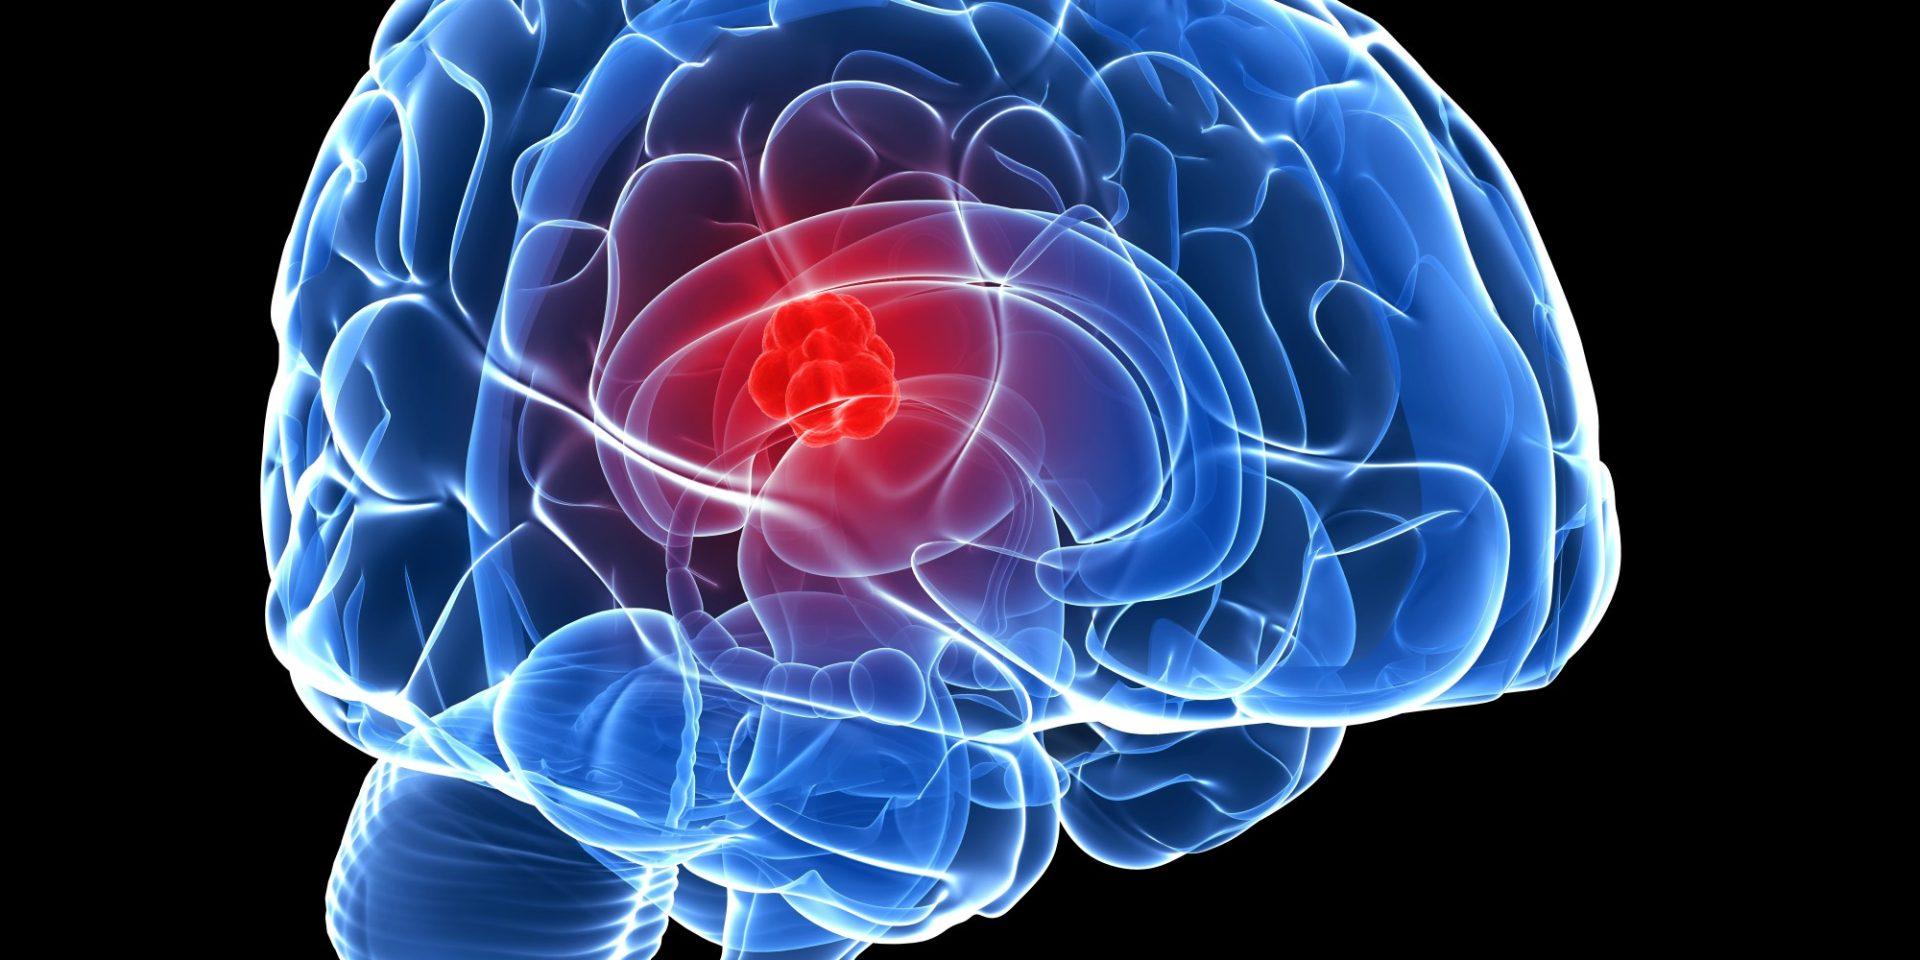 علت تومور مغزی